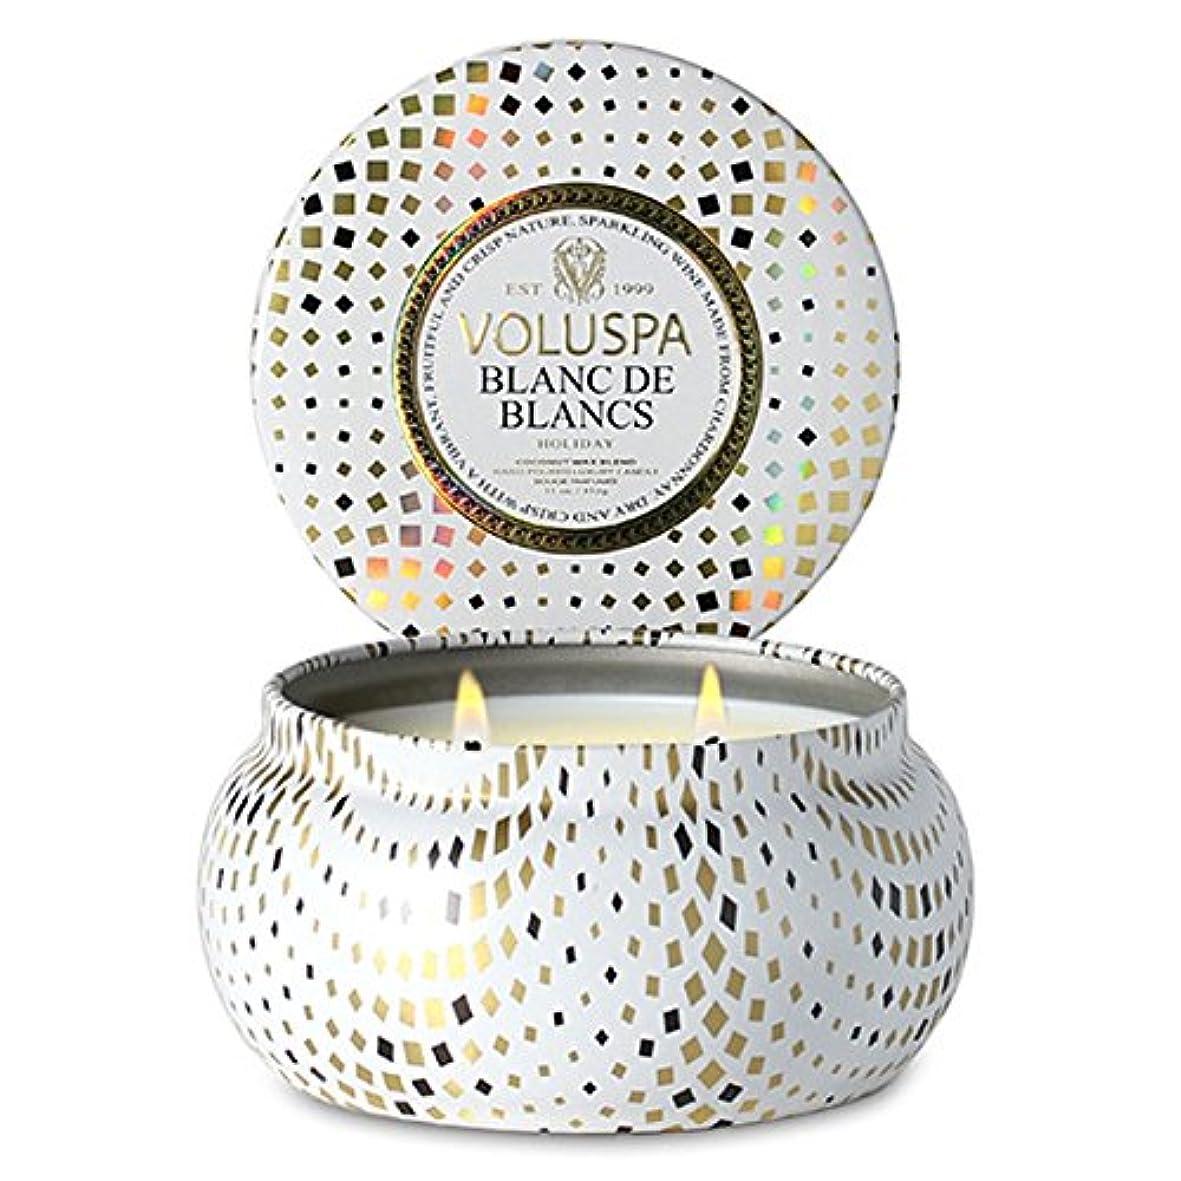 咳公使館道に迷いましたVoluspa ボルスパ メゾンホリデー 2-Wick ティンキャンドル ブラン ド ブラン BLANC DE BLANCS MASION HOLIDAY 2-ウィック Tin Glass Candle